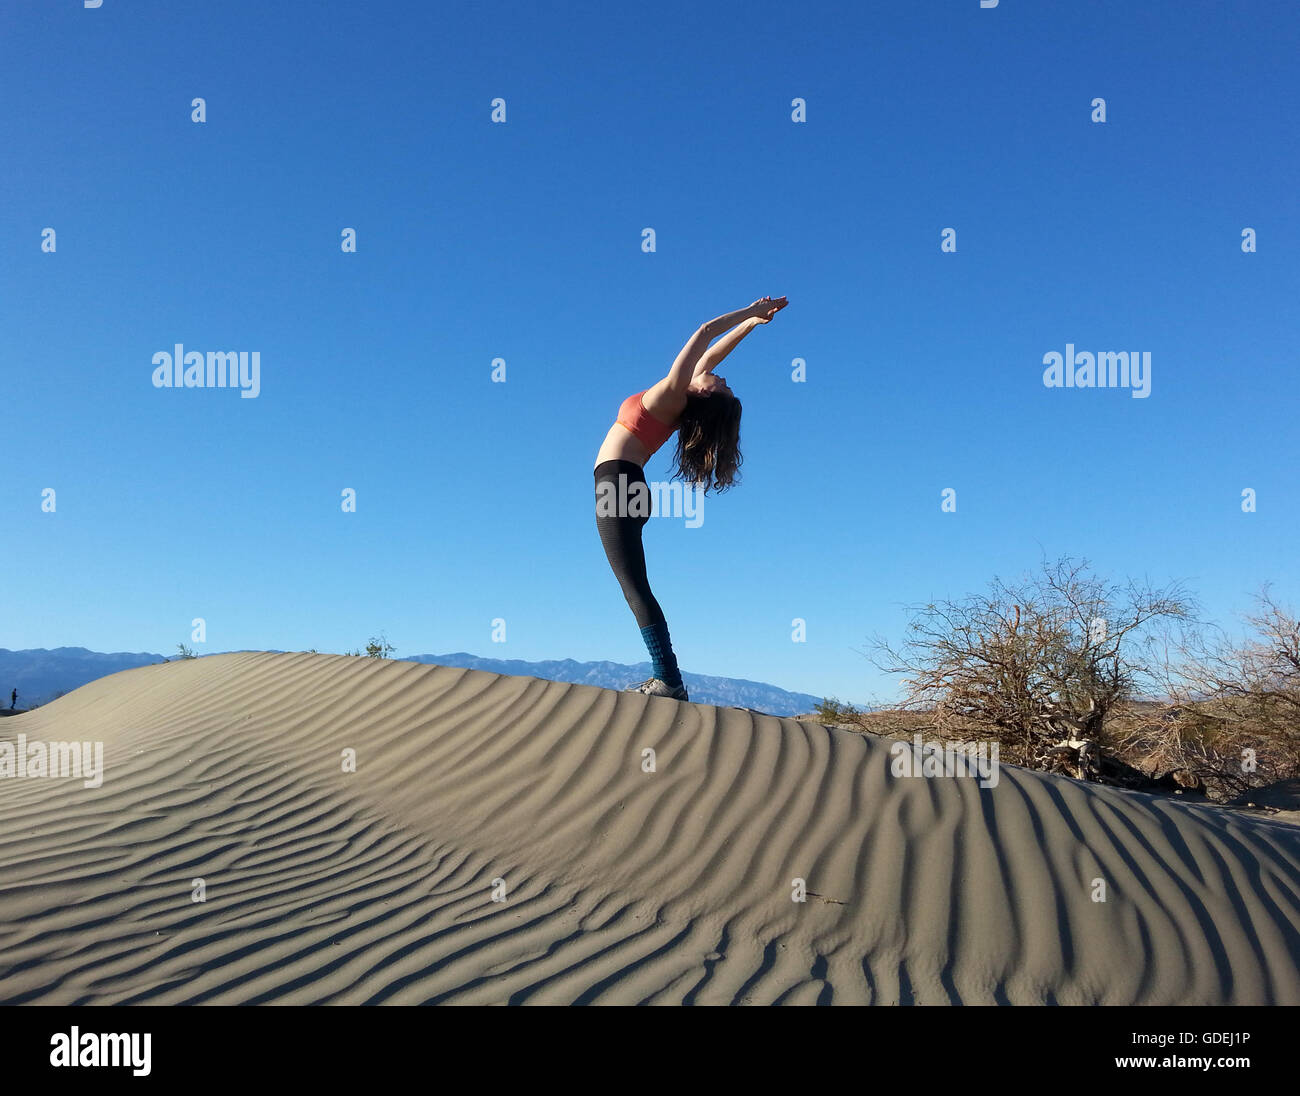 Las mujeres haciendo doblarla sobre la duna de arena, el Parque Nacional Valle de la Muerte, California, Estados Imagen De Stock